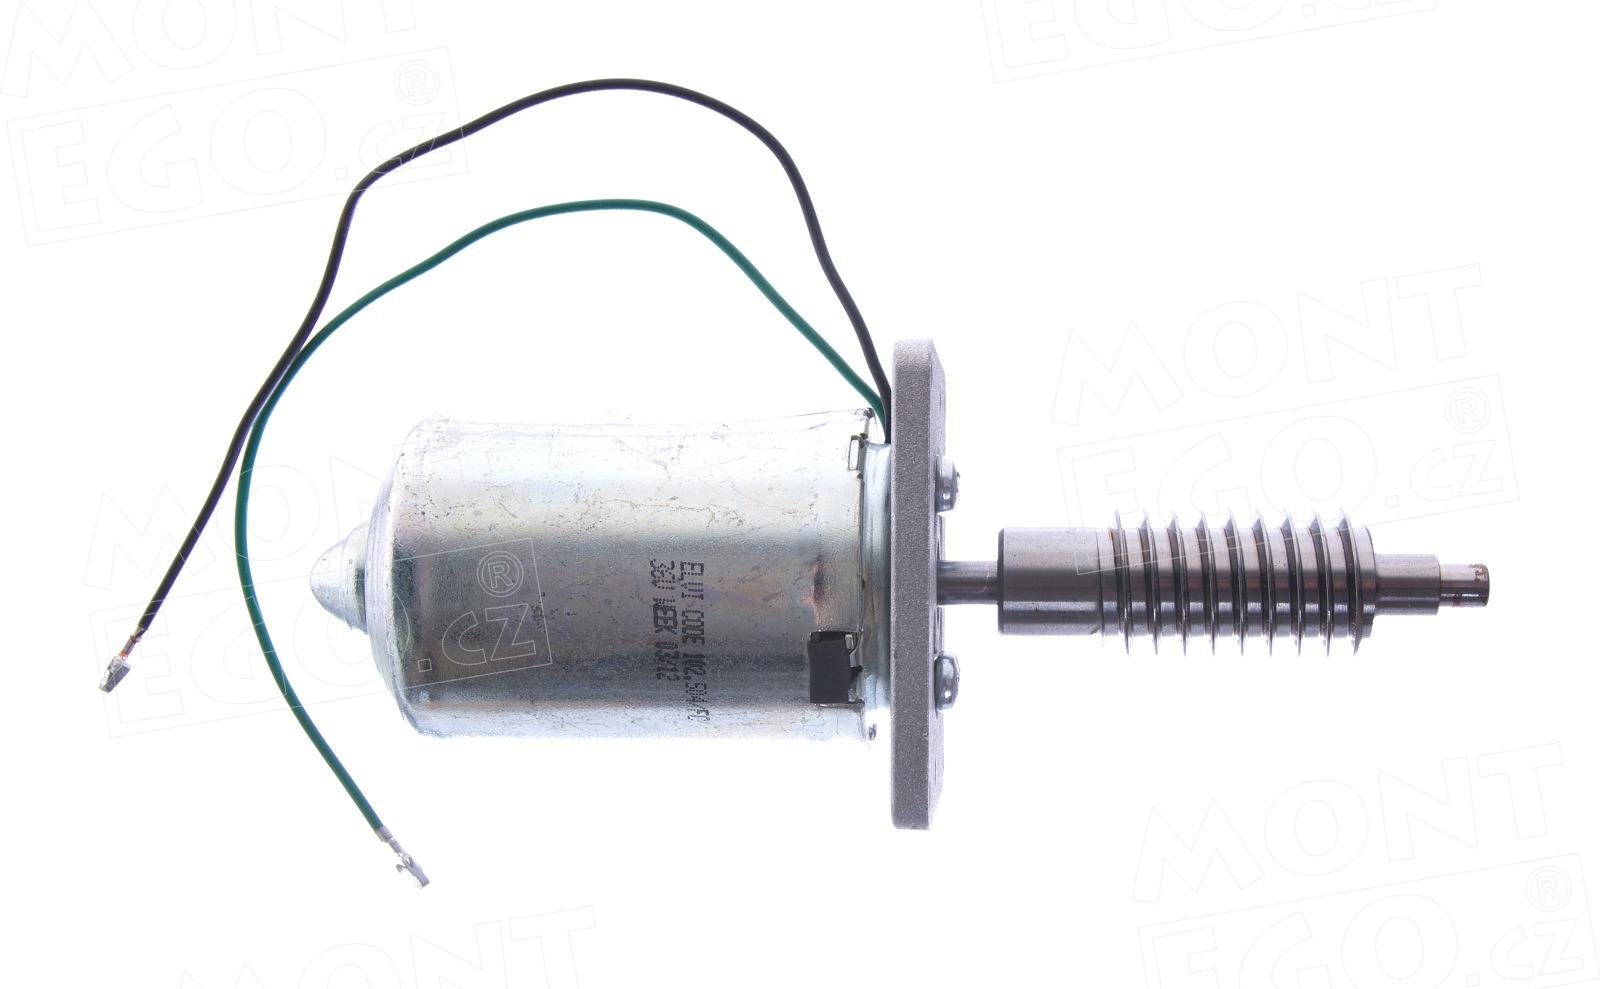 RMHSL1003 náhradní motor pohonu Mhouse SL1